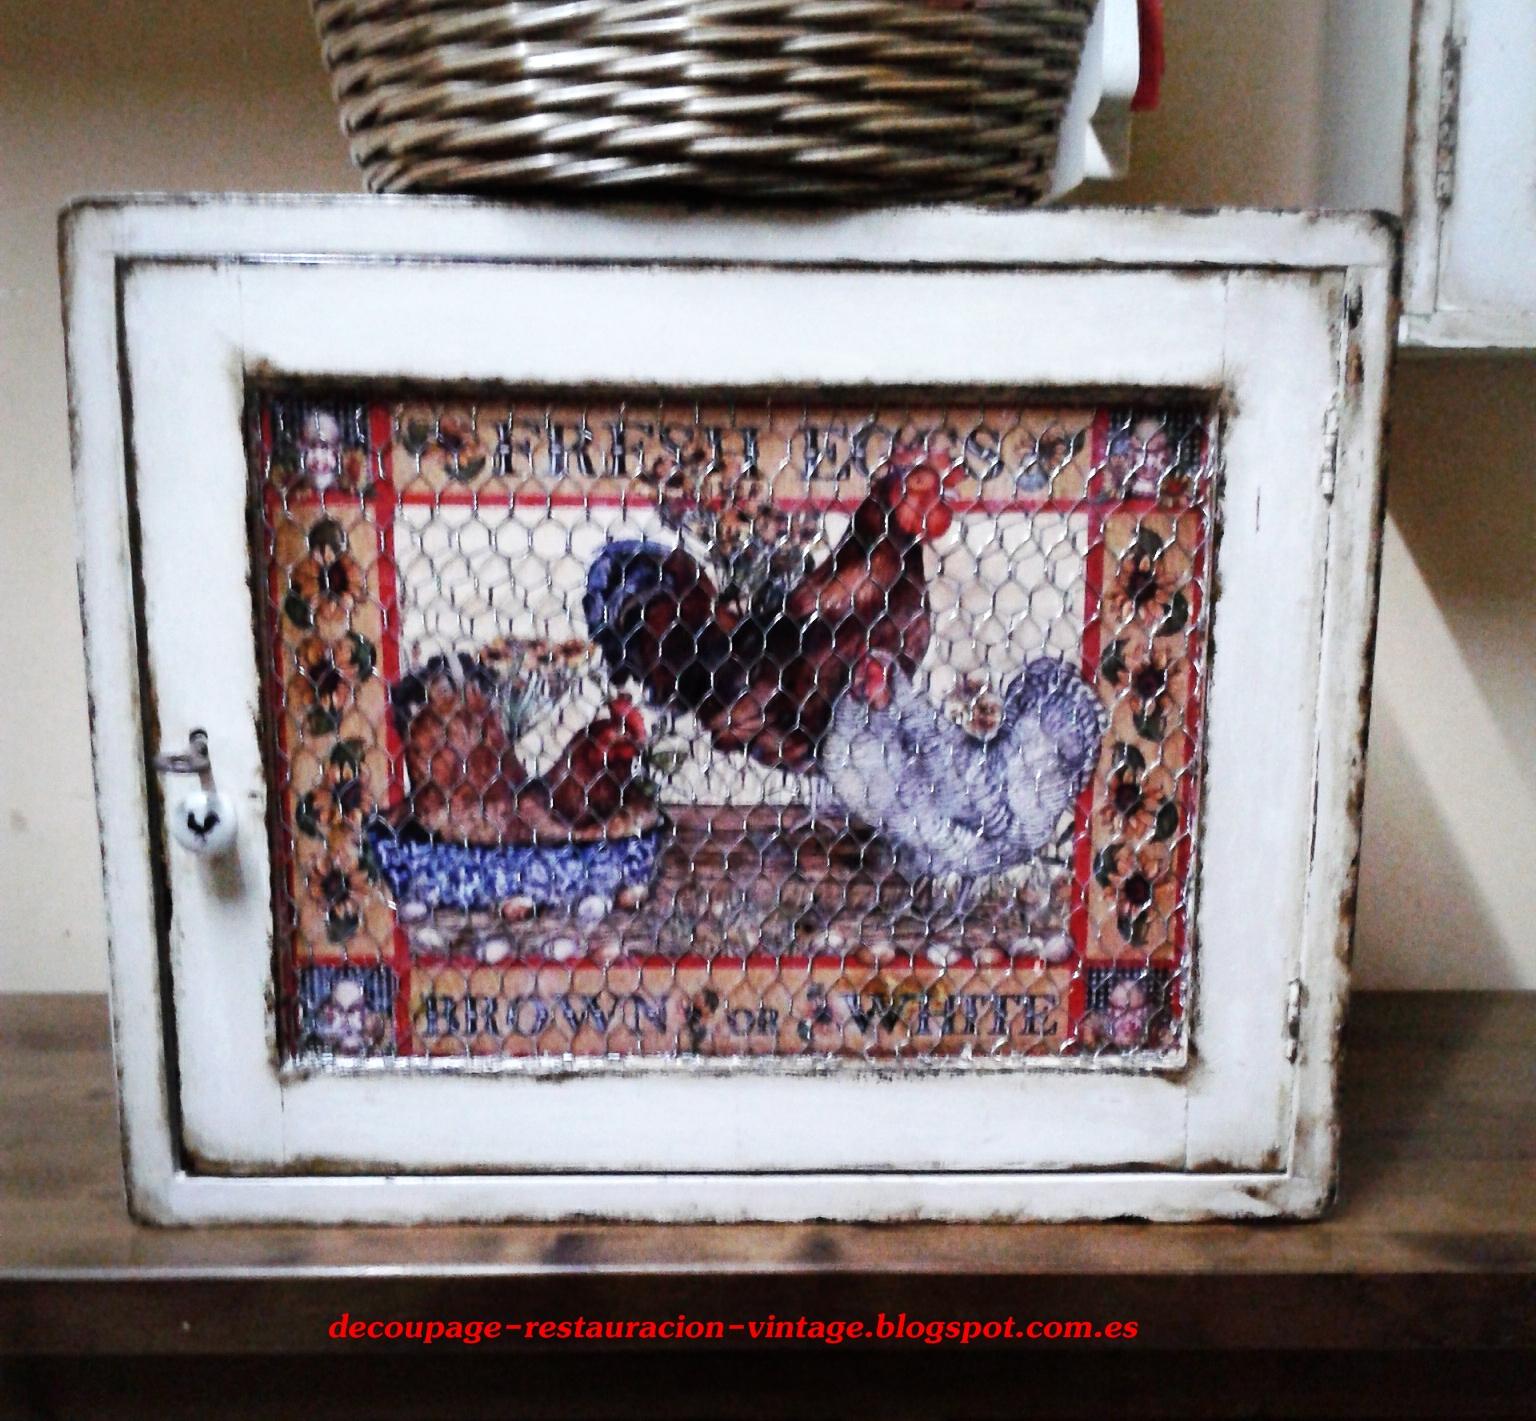 Botijos decorados con decoupage crafts - Tecnicas de restauracion de muebles ...